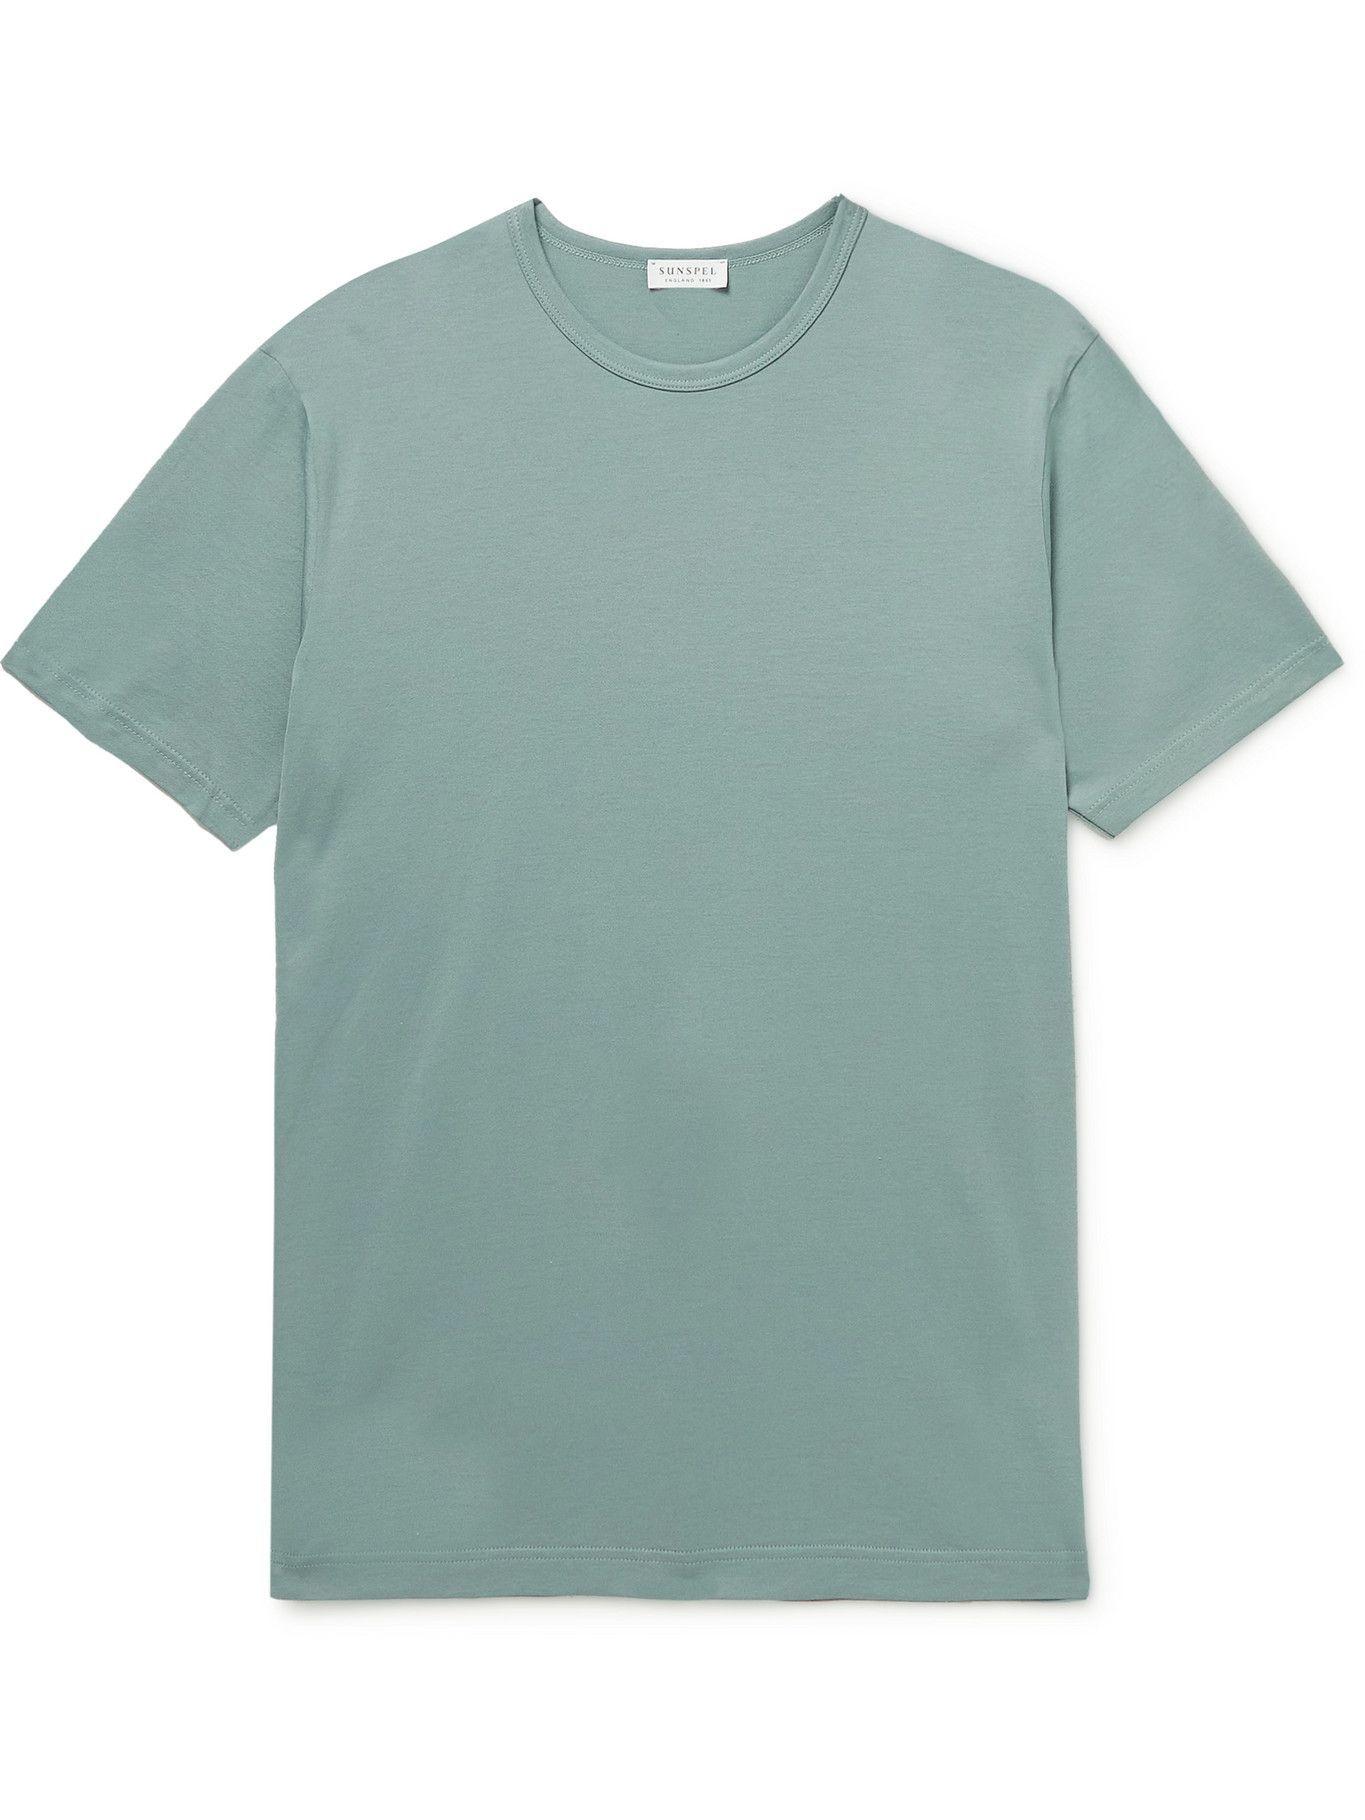 SUNSPEL - Slim-Fit Cotton-Jersey T-Shirt - Green